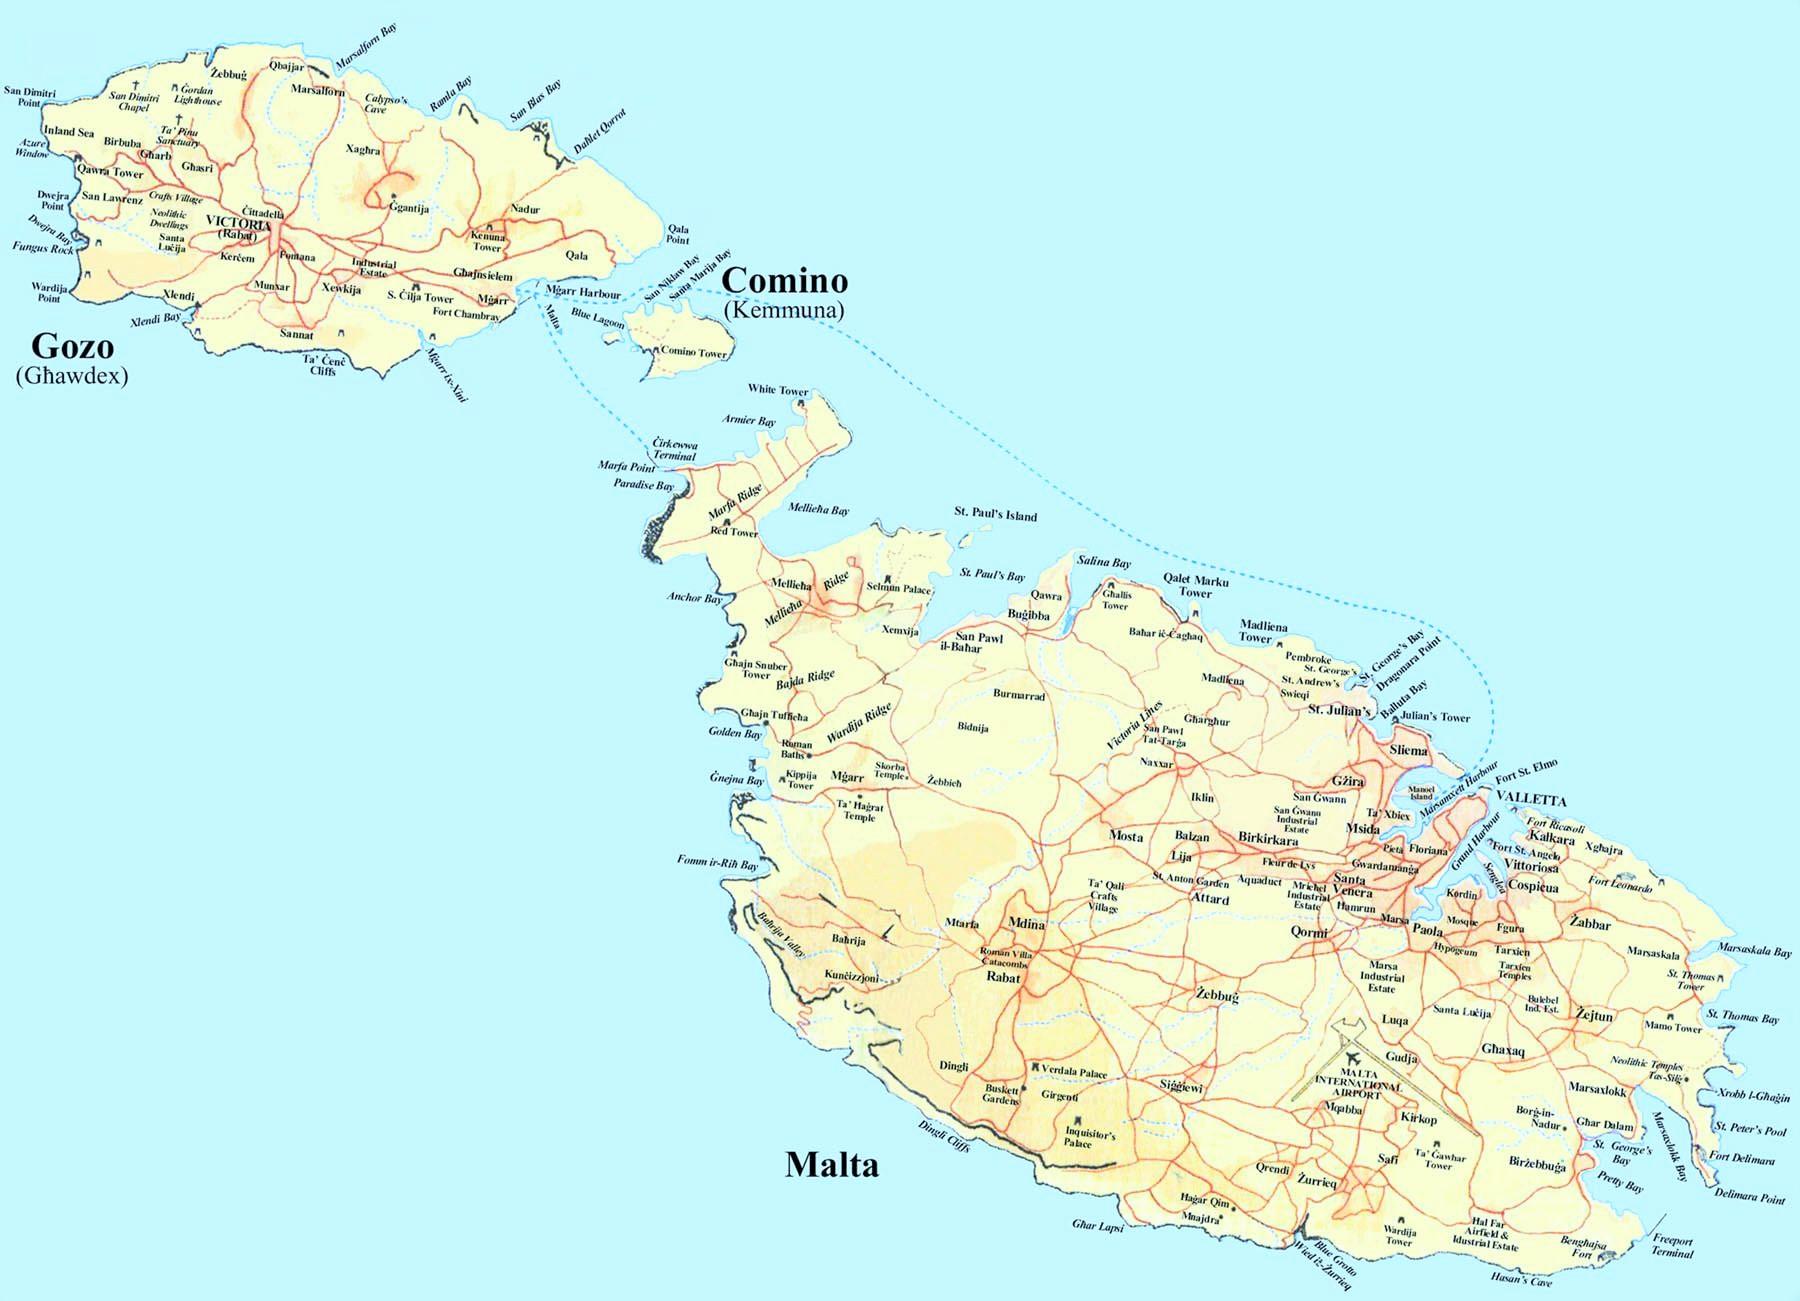 mapa de malta Mapa de Malta   Mapa Físico, Geográfico, Político, turístico y  mapa de malta